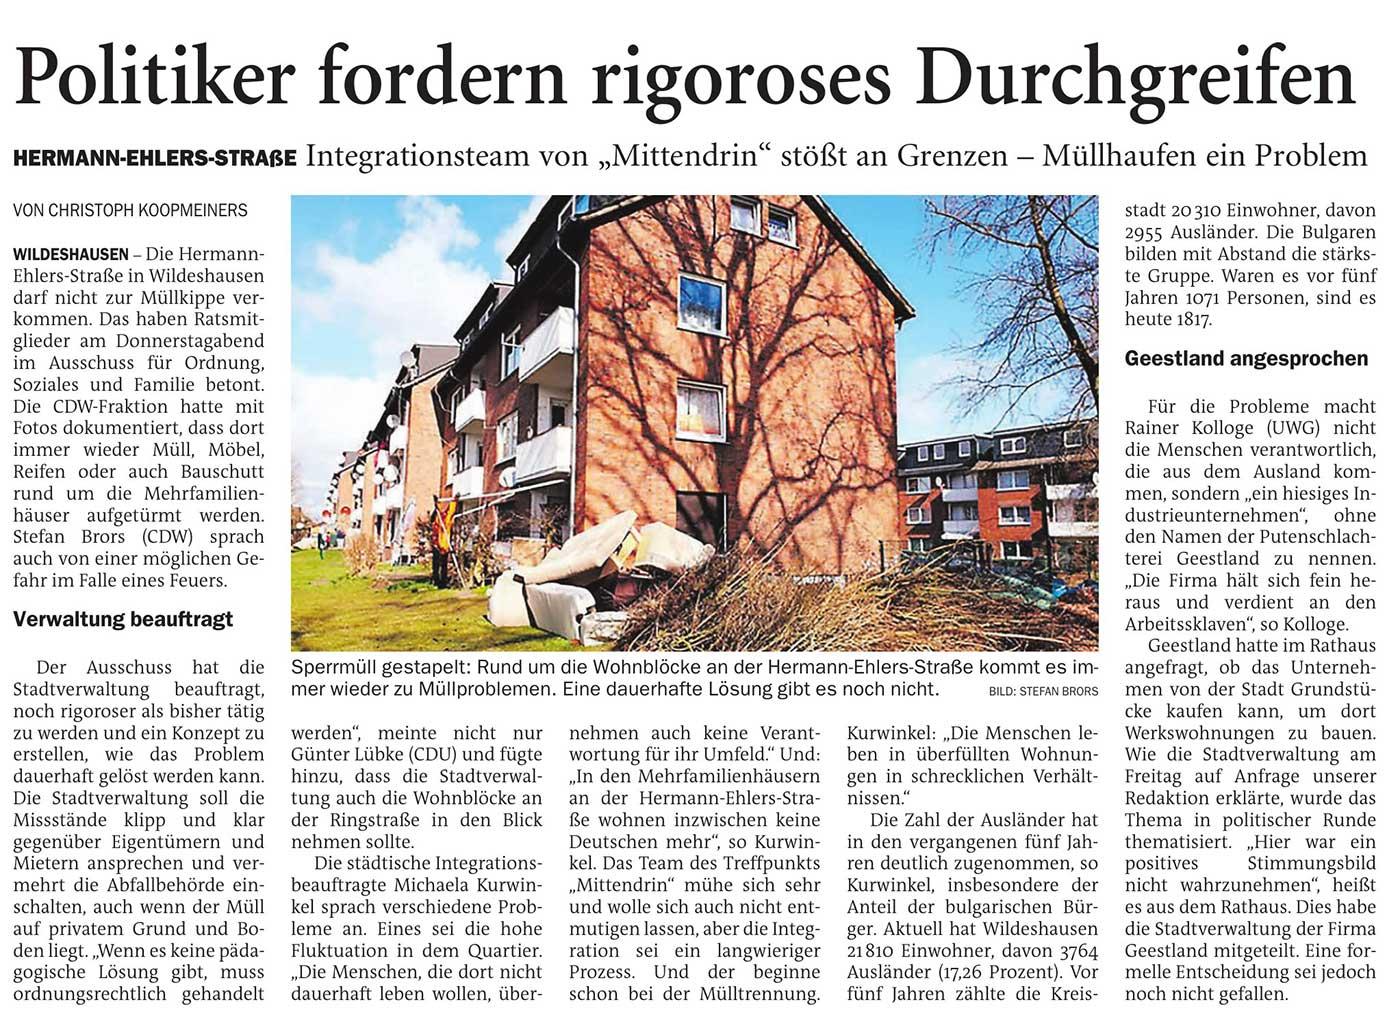 Politiker fordern rigoroses DurchgreifenHermann-Ehlers-Straße: Integragtionsteam von 'Mittendrin' stößt an Grenzen - Müllhaufen ein ProblemArtikel vom 03.05.2021 (NWZ)